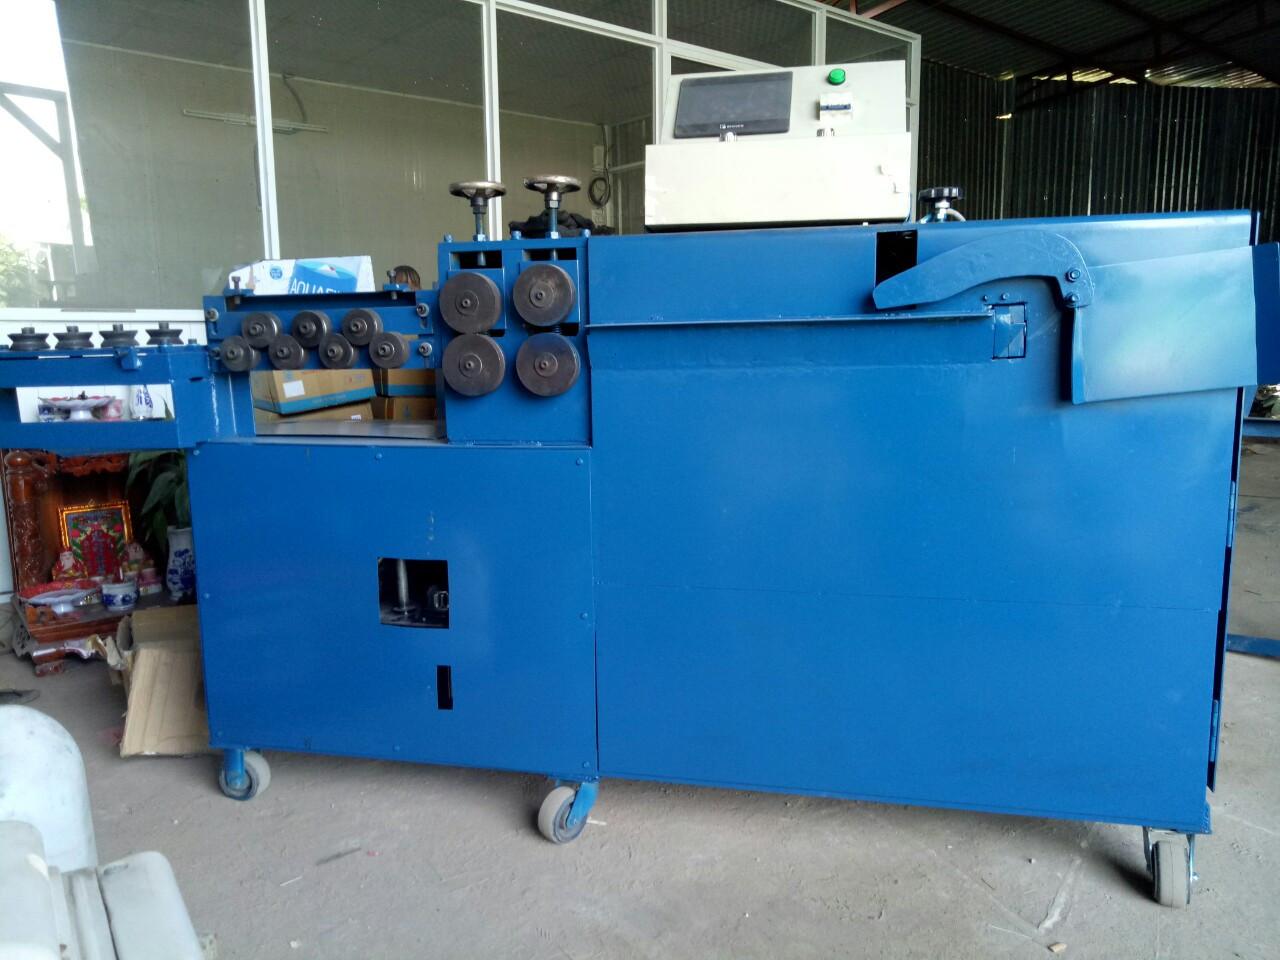 các lợi ích của máy uốn sắt tự động chính hãng giá rẻ nhất - Máy bẻ đai sắt